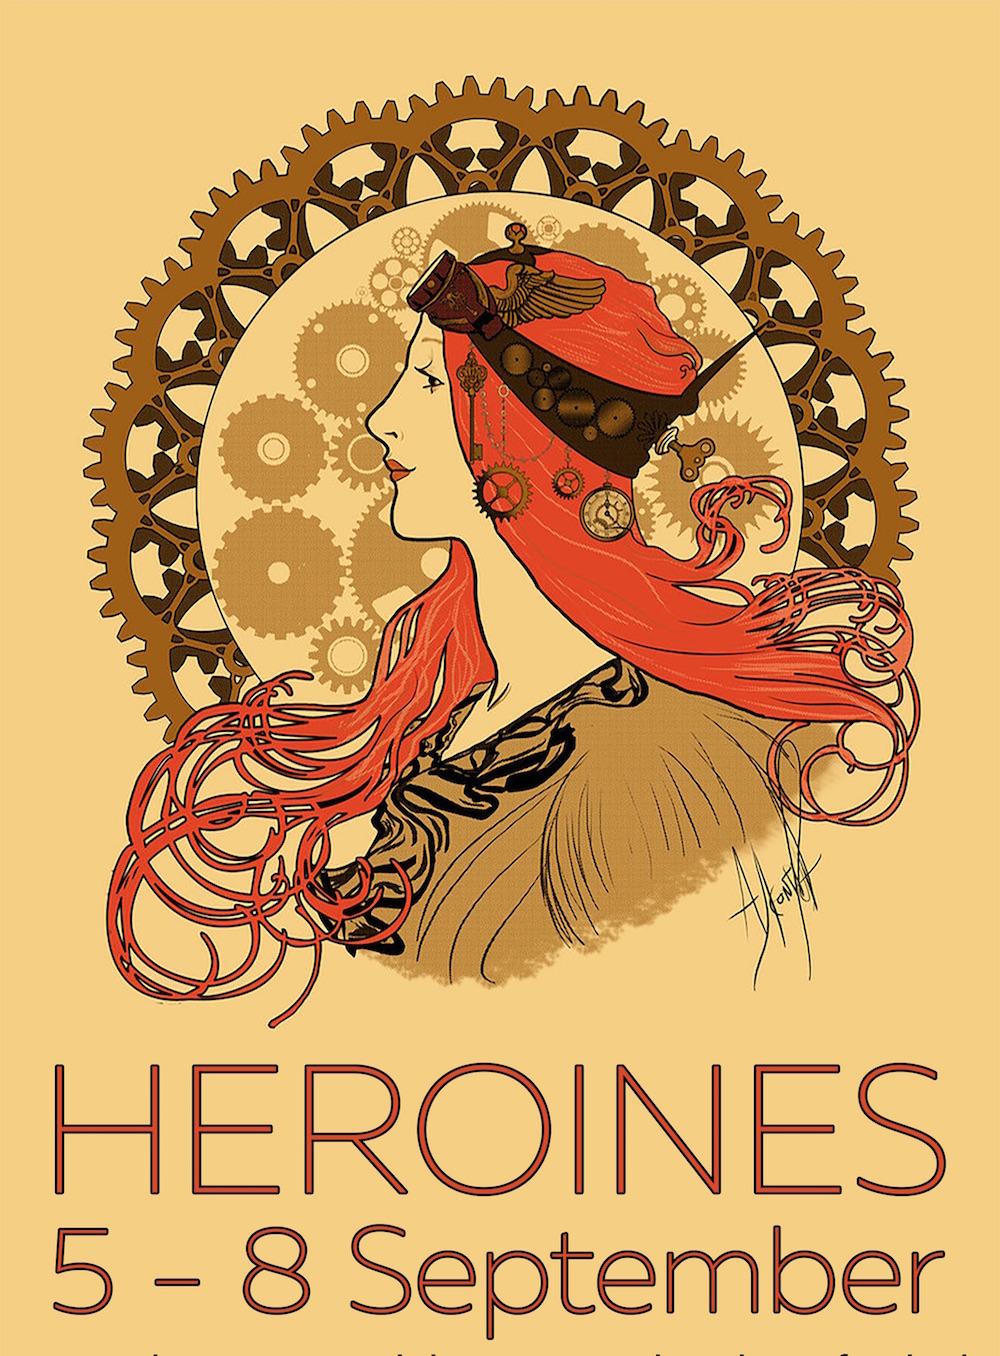 Heroines Festival